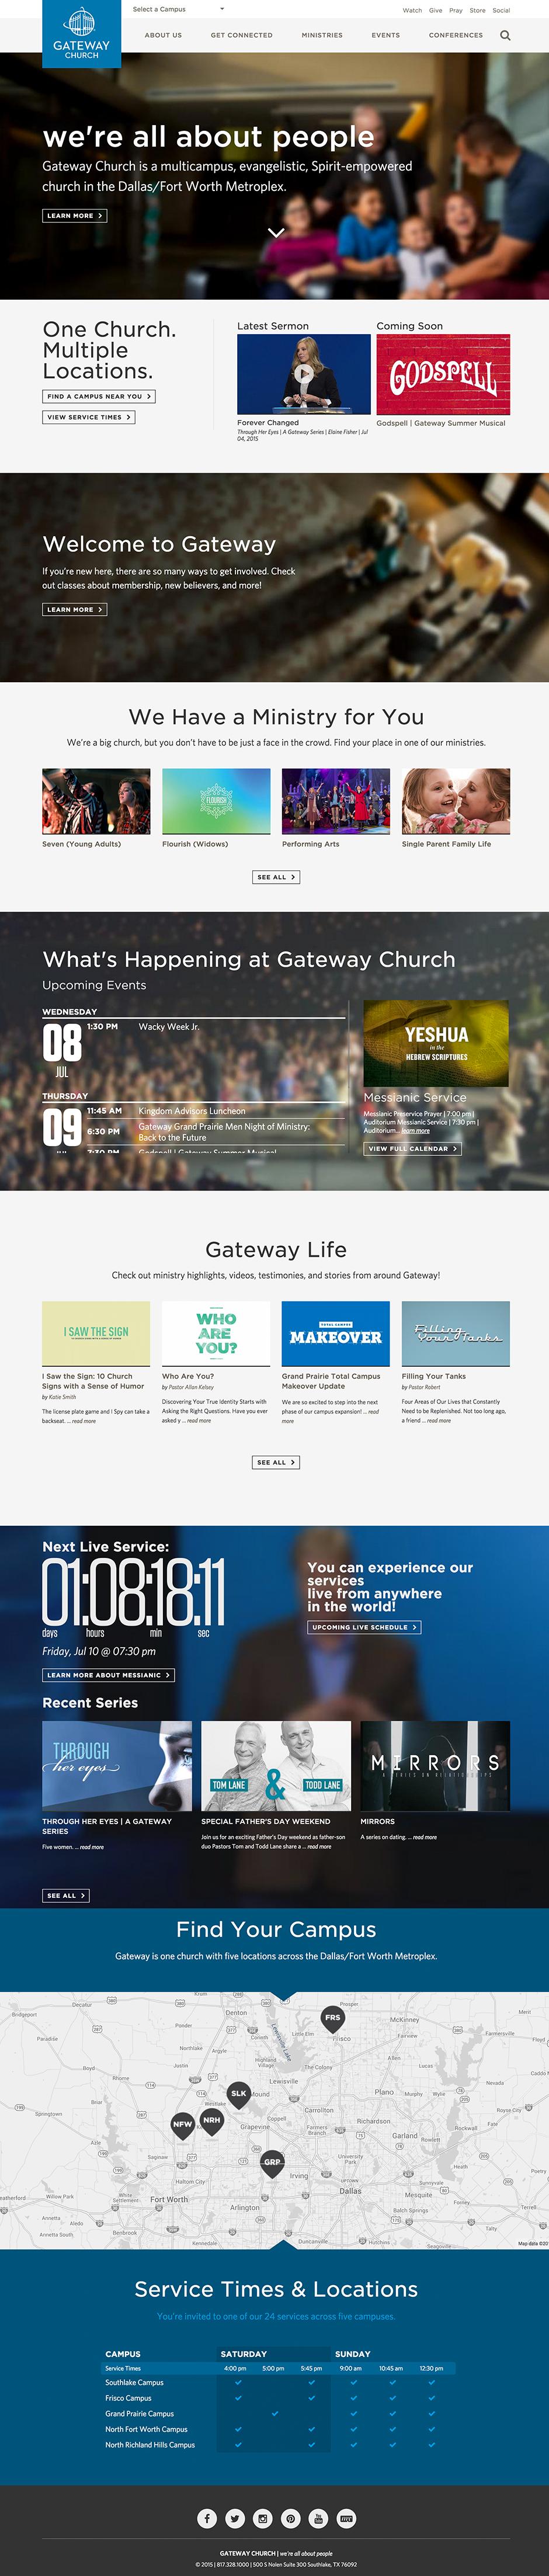 Modern Church Website Design